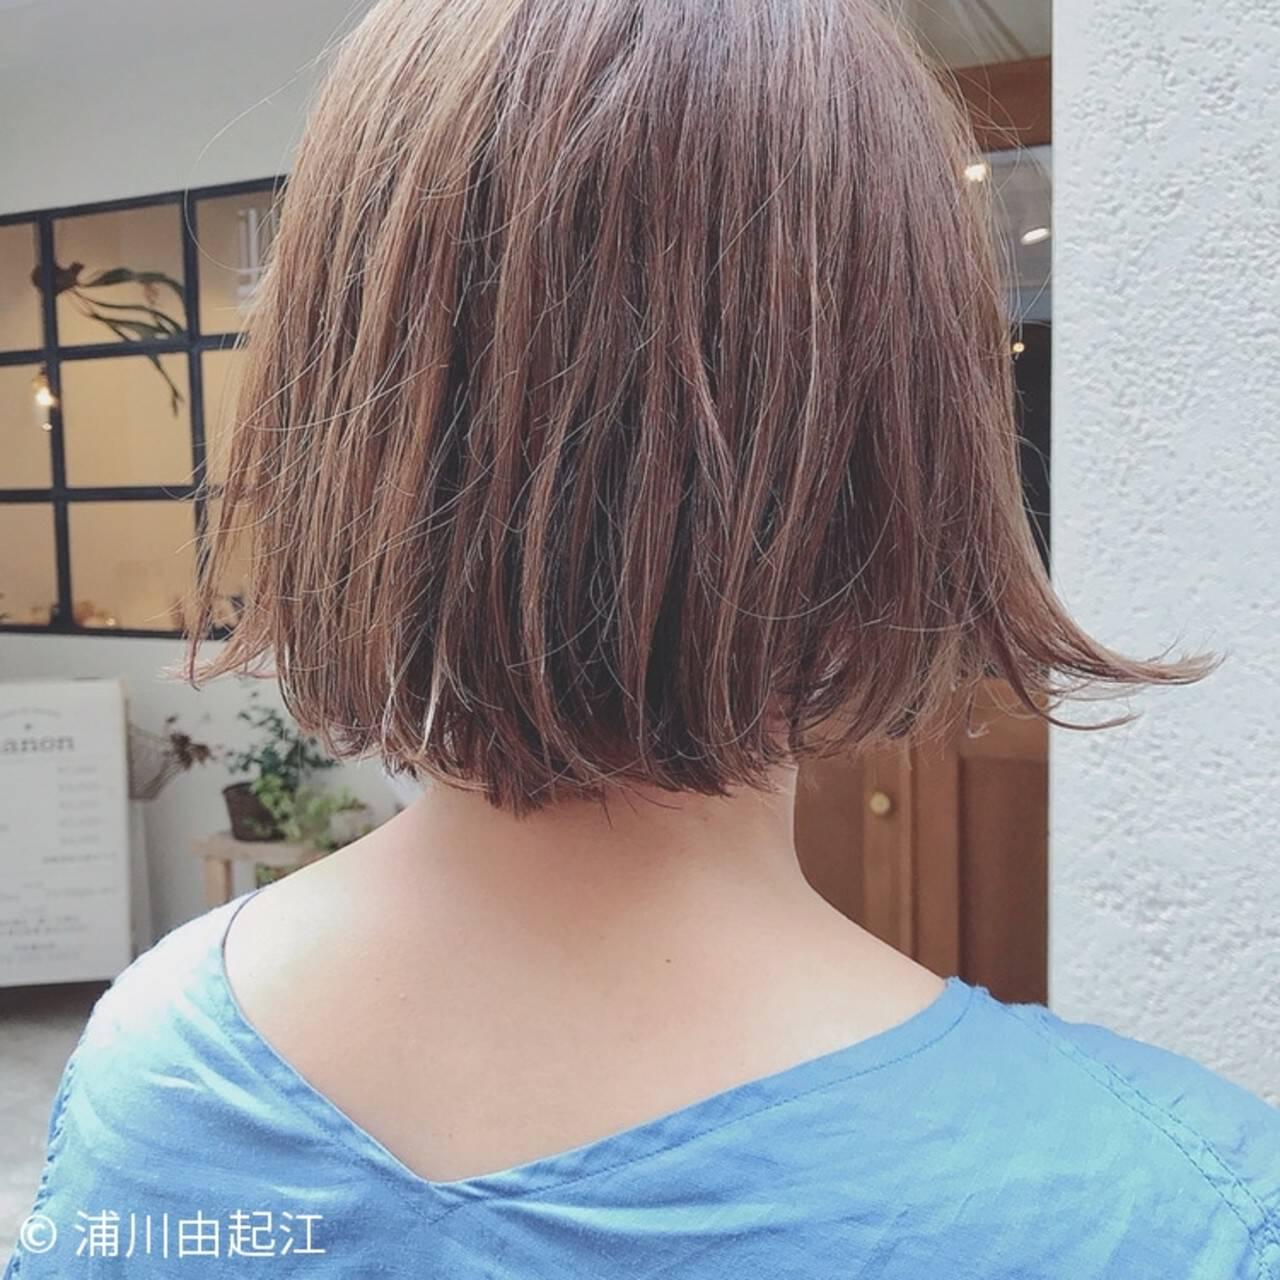 デート ゆるふわ ナチュラル ハイライトヘアスタイルや髪型の写真・画像